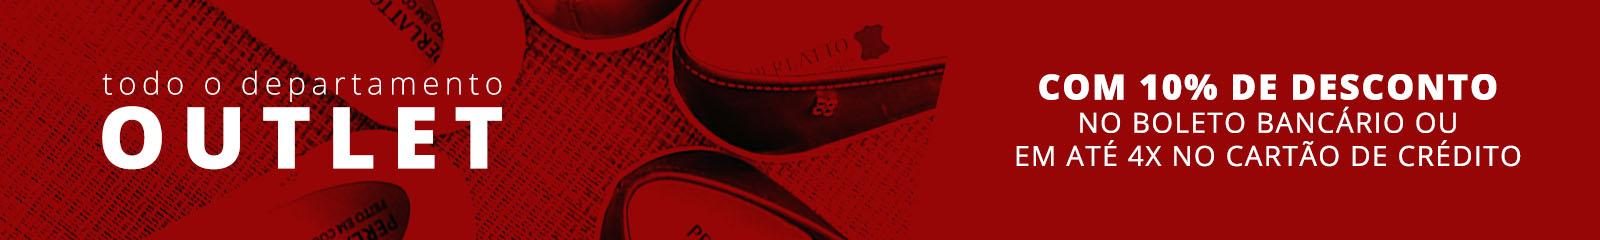 Banner - Semana do Consumidor - Sandálias (Outlet)